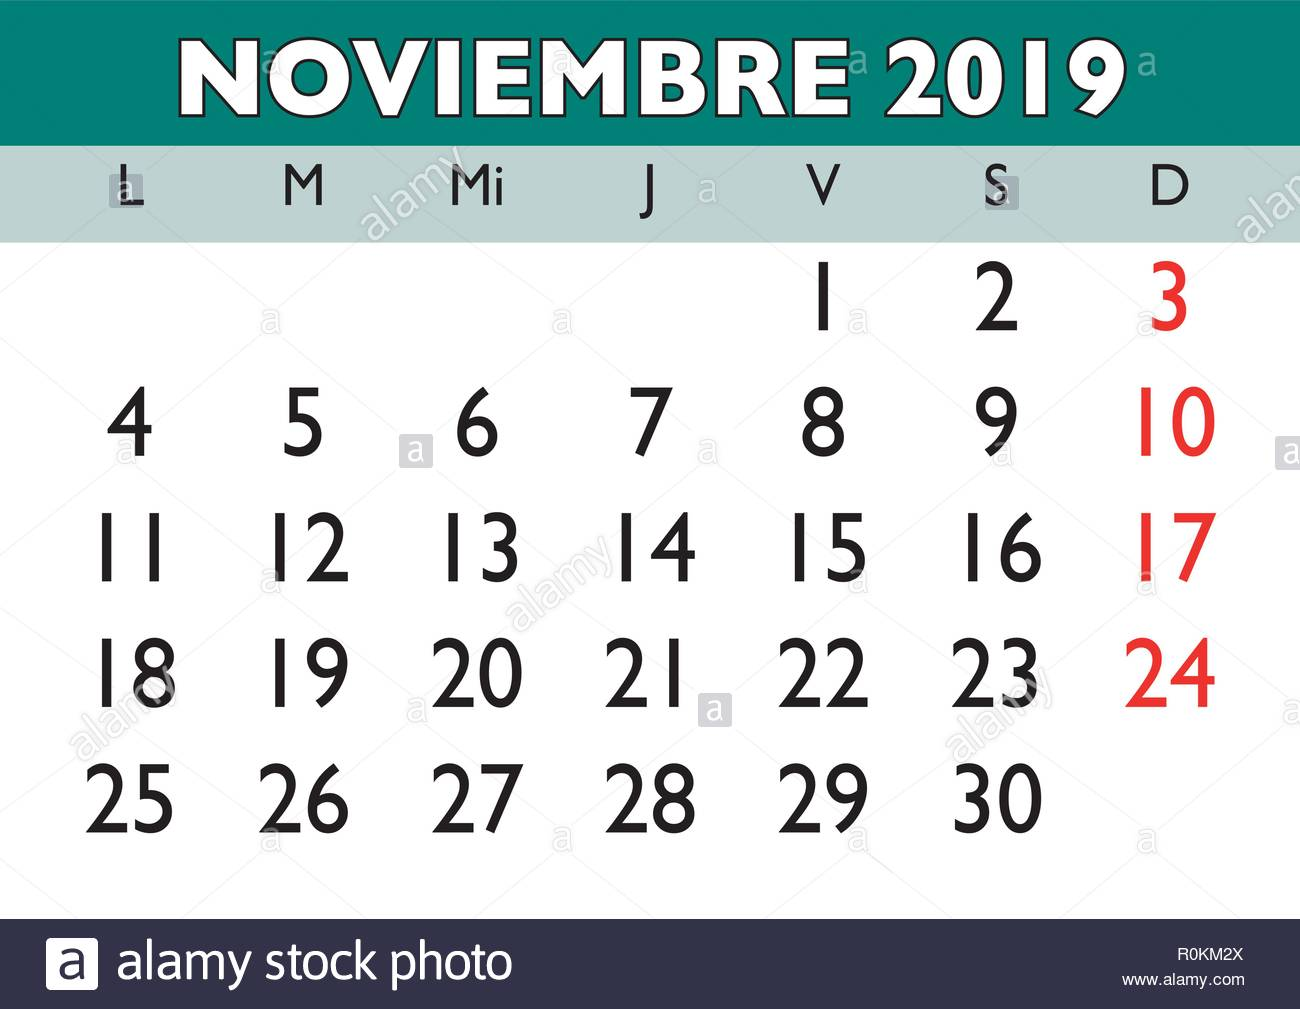 Calendario Noviembre 2019.November Month In A Year 2019 Wall Calendar In Spanish Noviembre